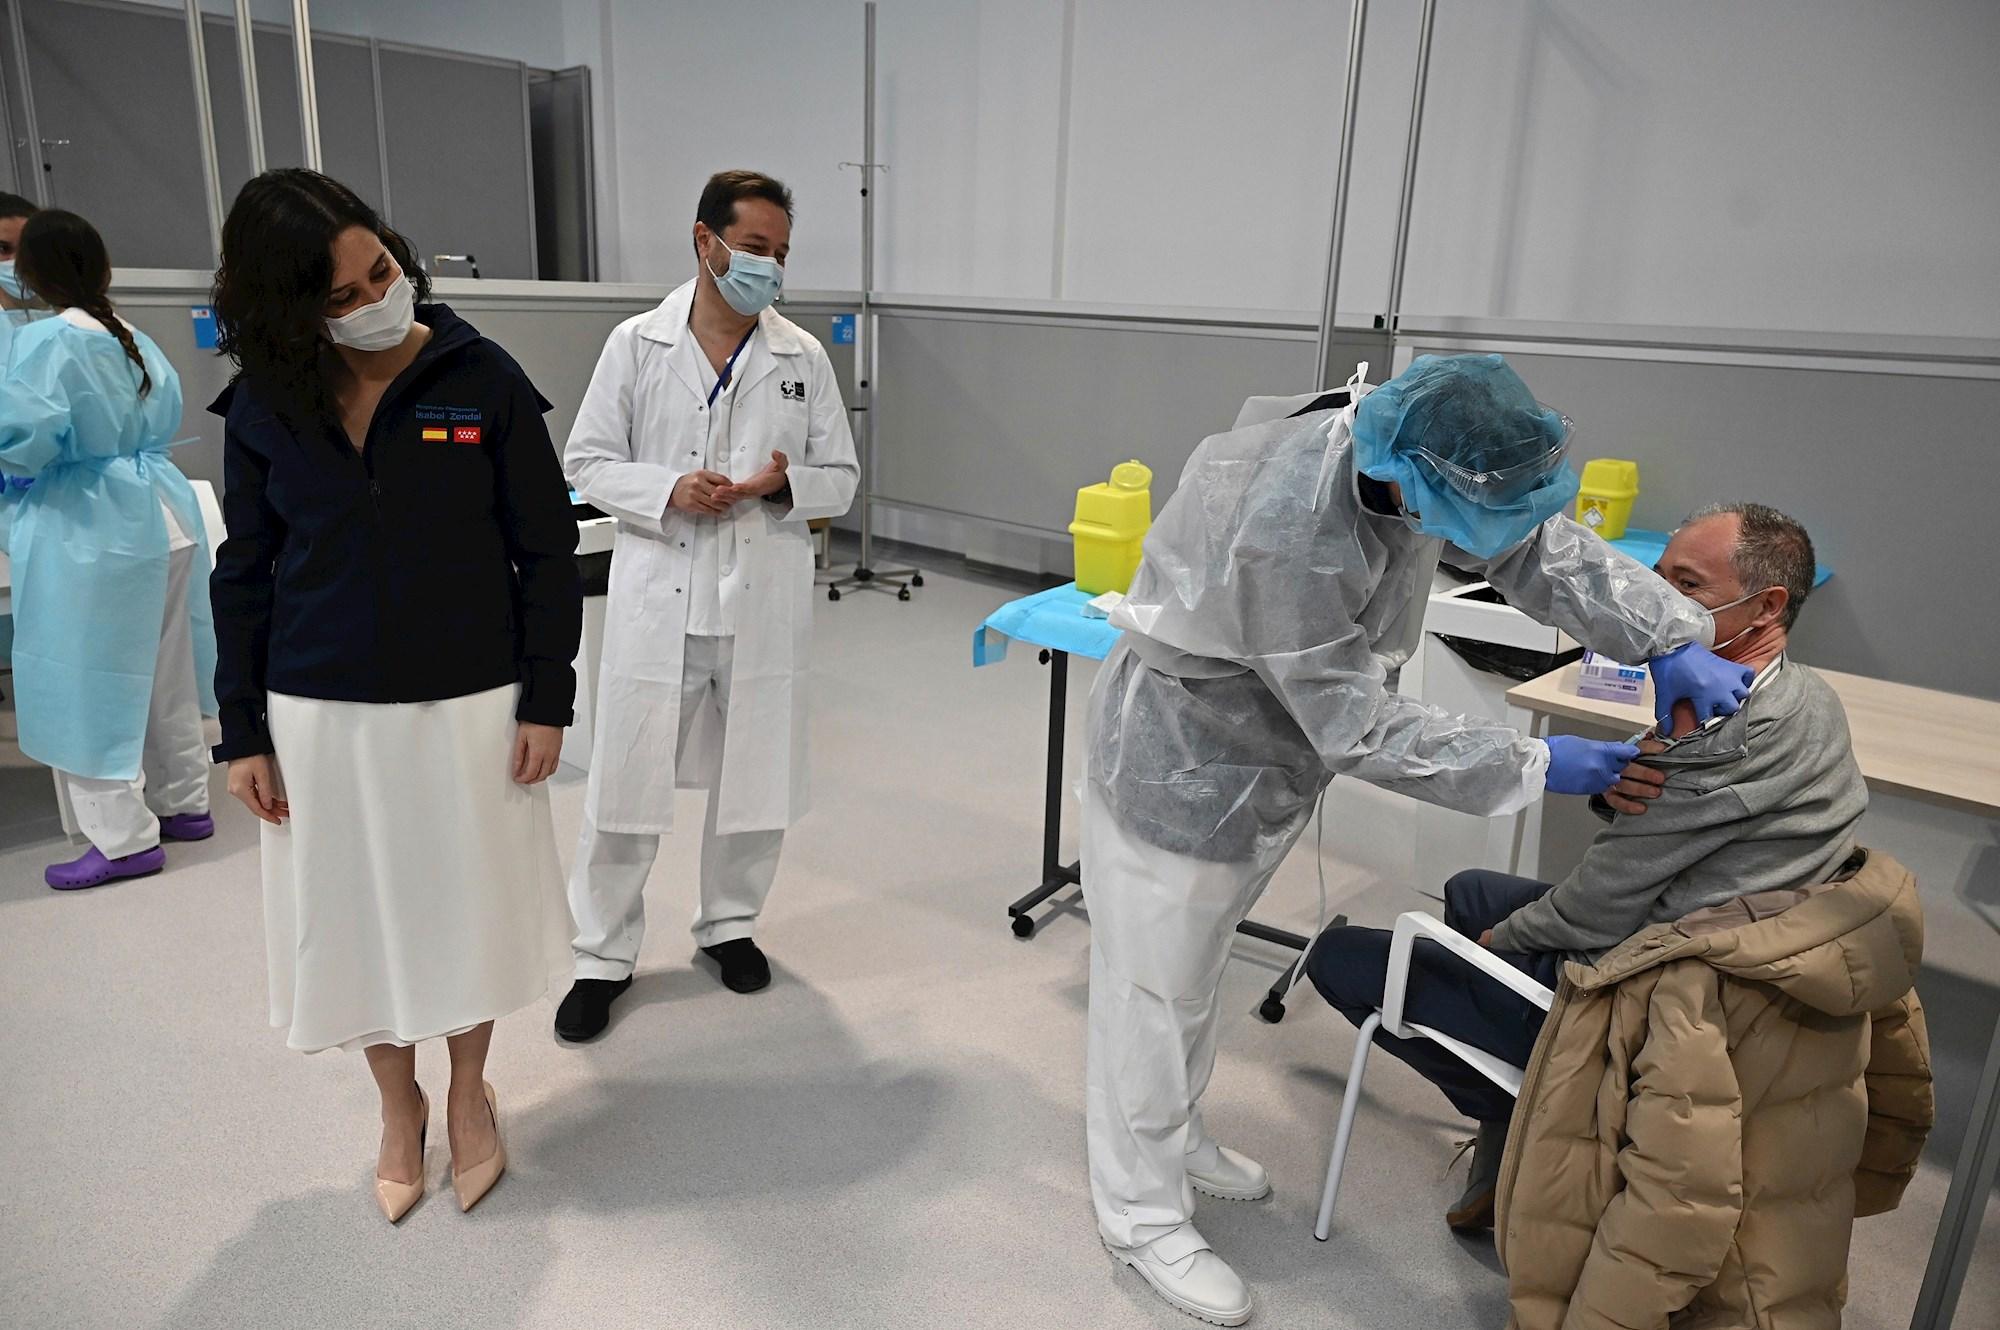 La presidenta de la Comunidad de Madrid, Isabel Díaz Ayuso (i), asiste al inicio del proceso de vacunación contra la covid-19 que se pone en marcha en el pabellón 3 del hospital Enfermera Isabel Zendal, este martes en Madrid. EFE/ Fernando Villar